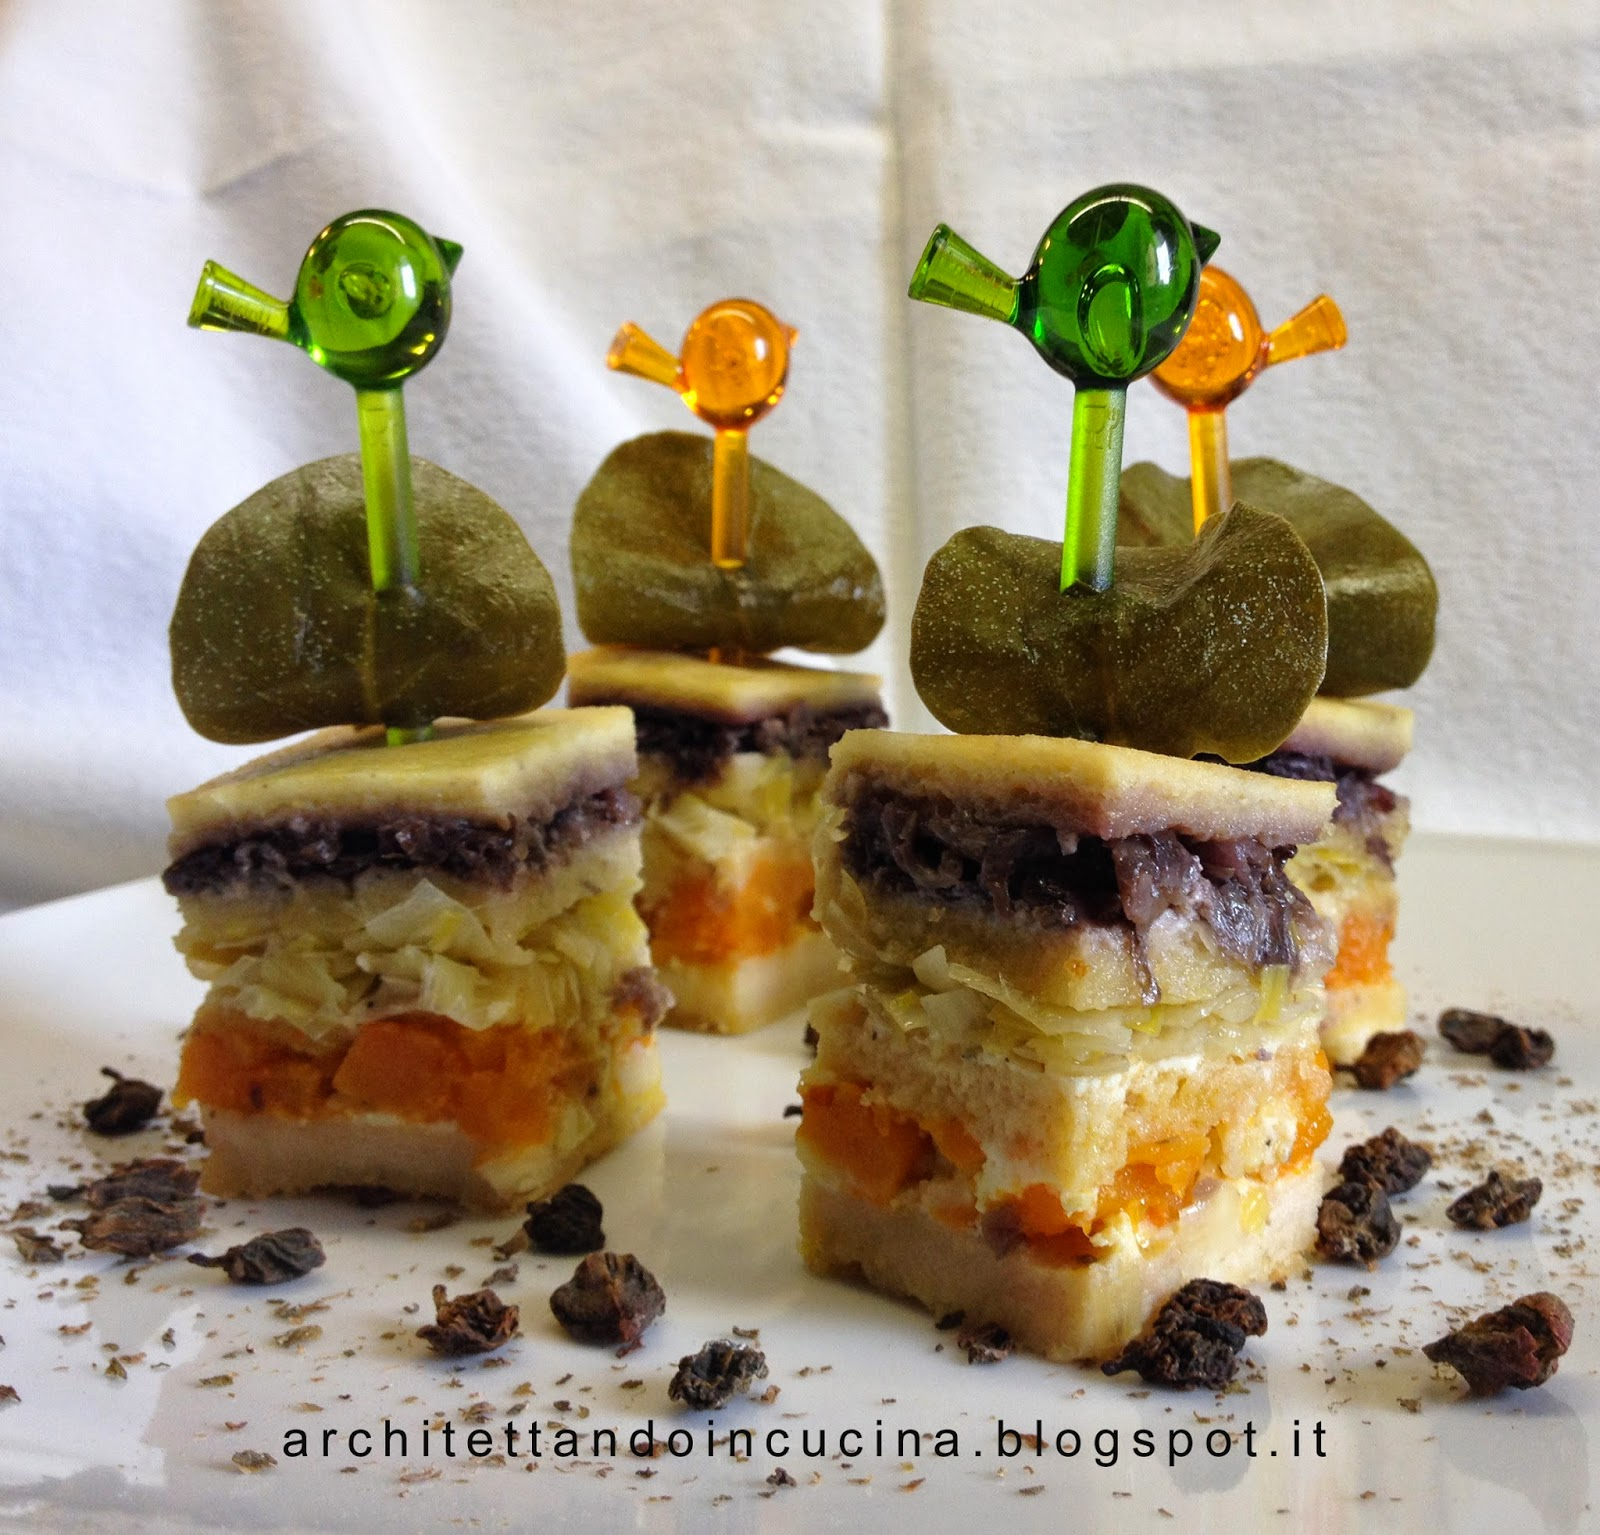 architettando in cucina: Terrina di pane e verdure di Luca ...